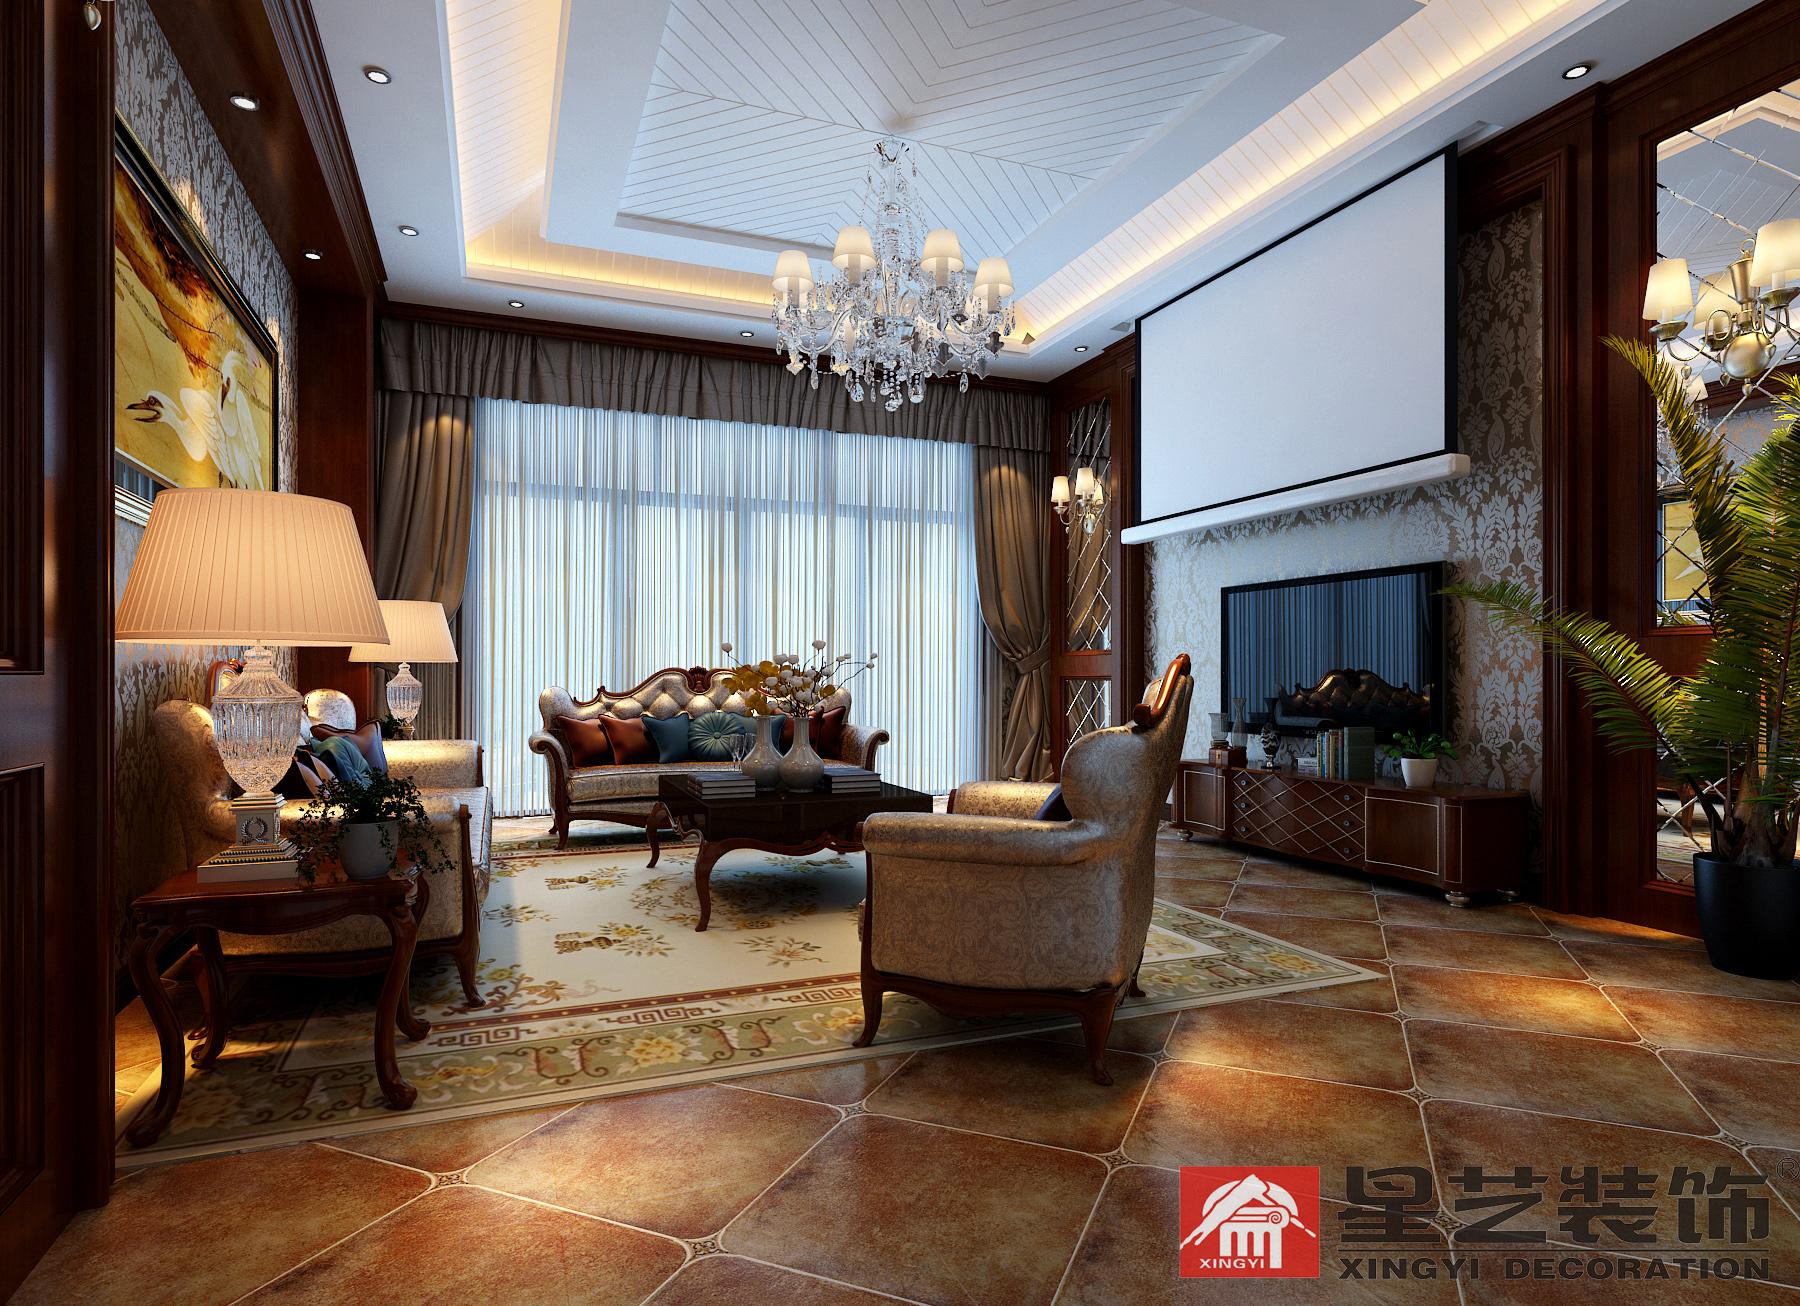 别墅 中式 星艺装饰 新古典 其他图片来自星艺装饰在贵州在星艺装饰·别墅设计的分享